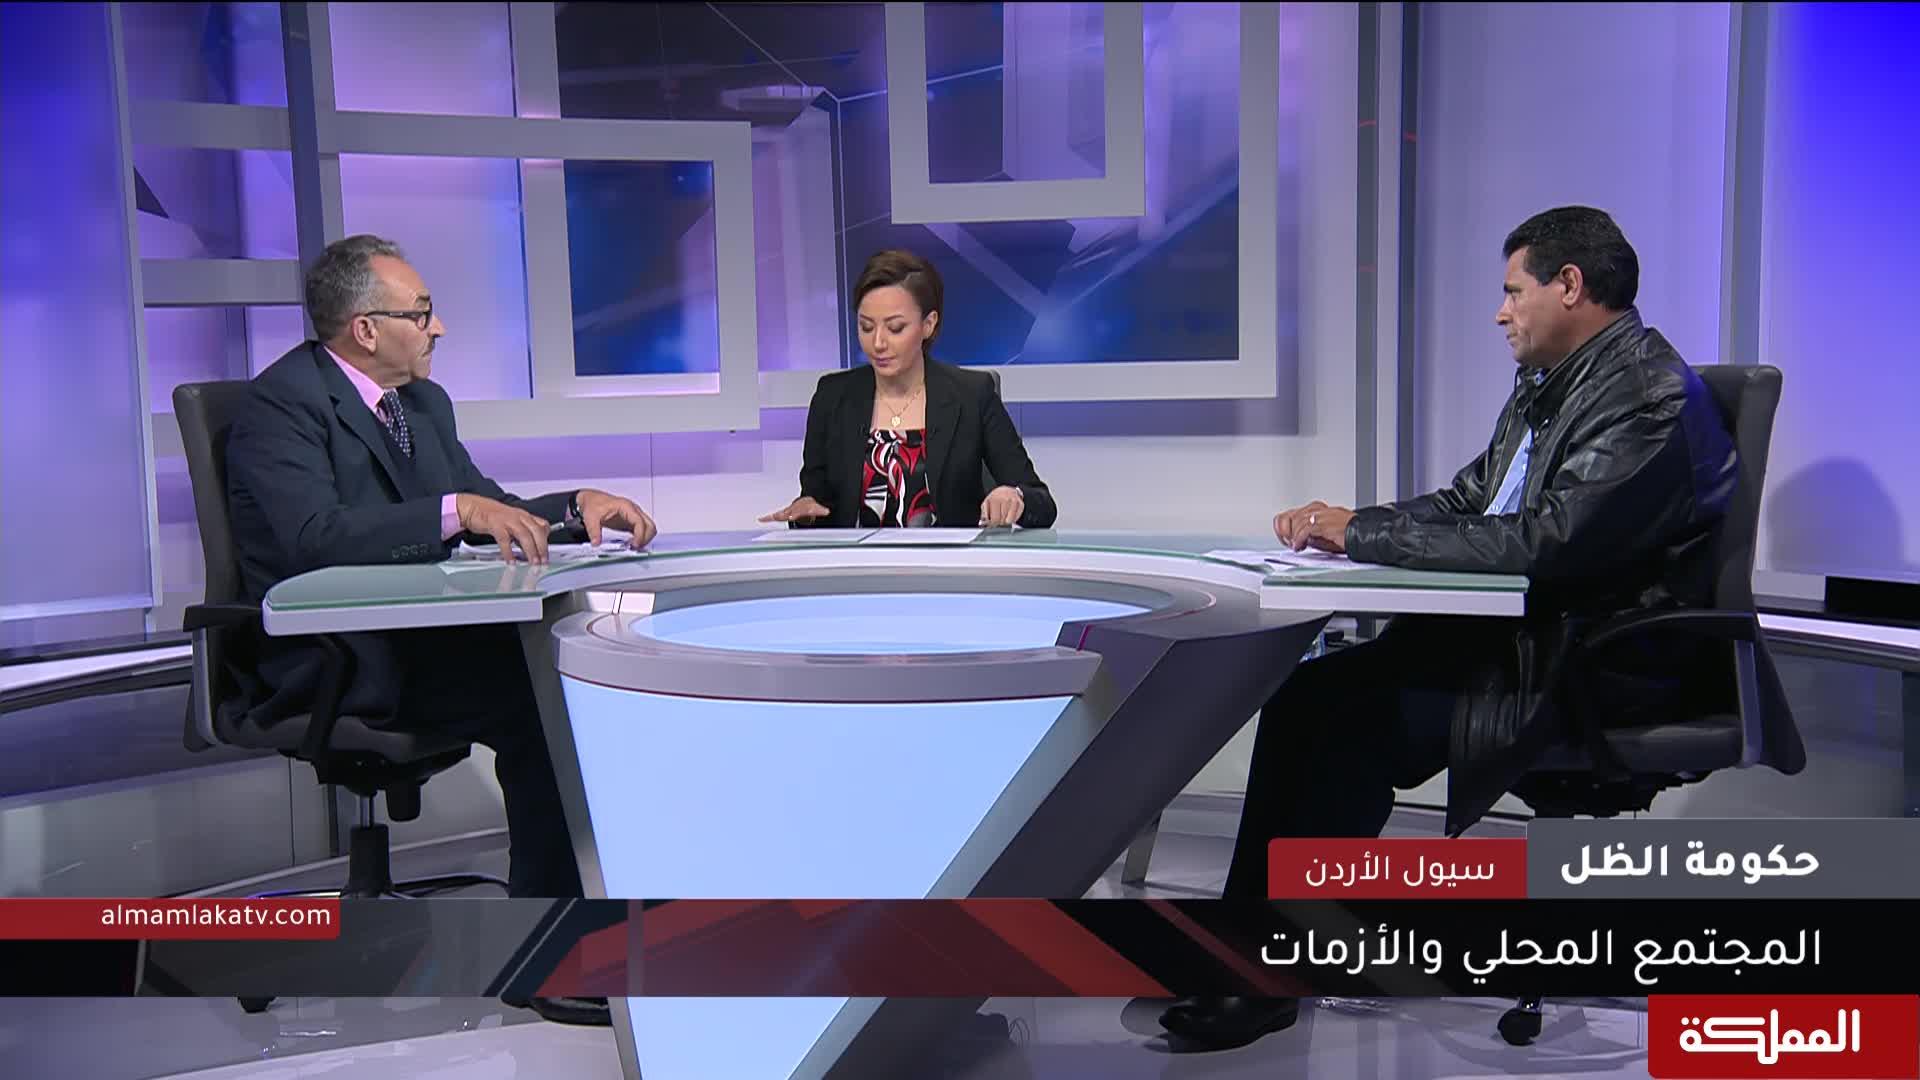 حكومة الظل | المجتمع المحلي و الأزمات .. سيول الأردن